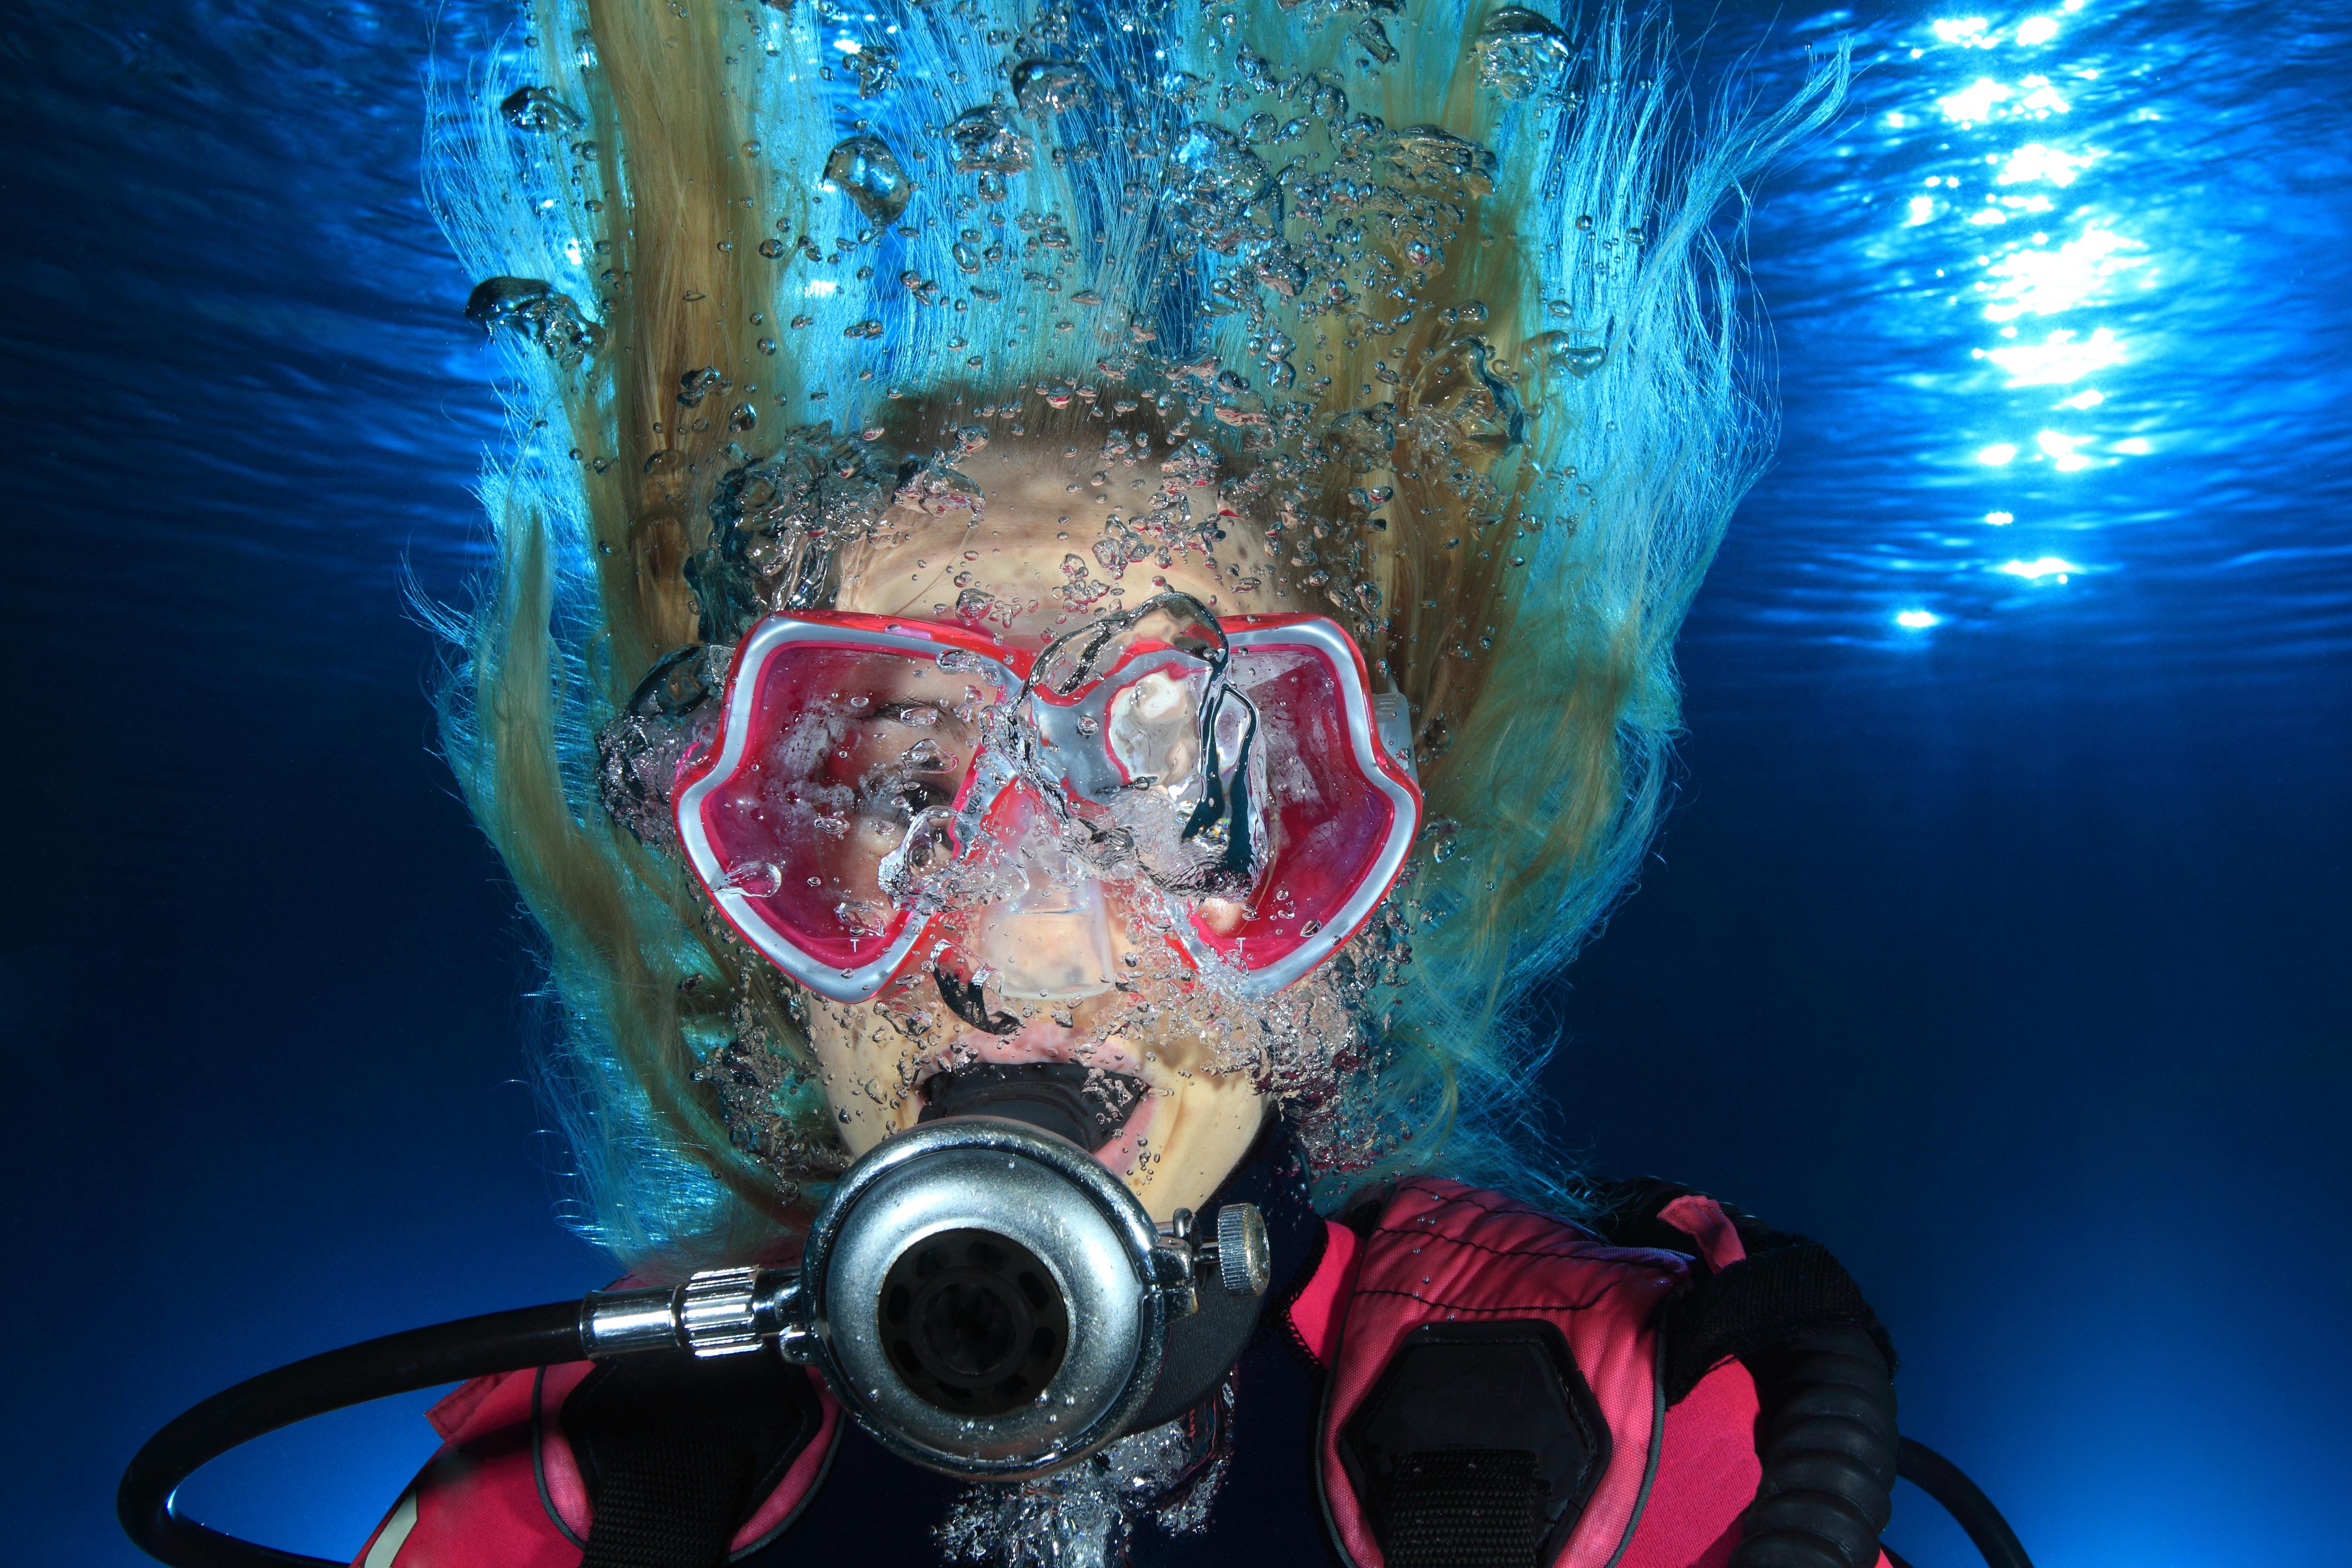 Problems for a Scuba Diver